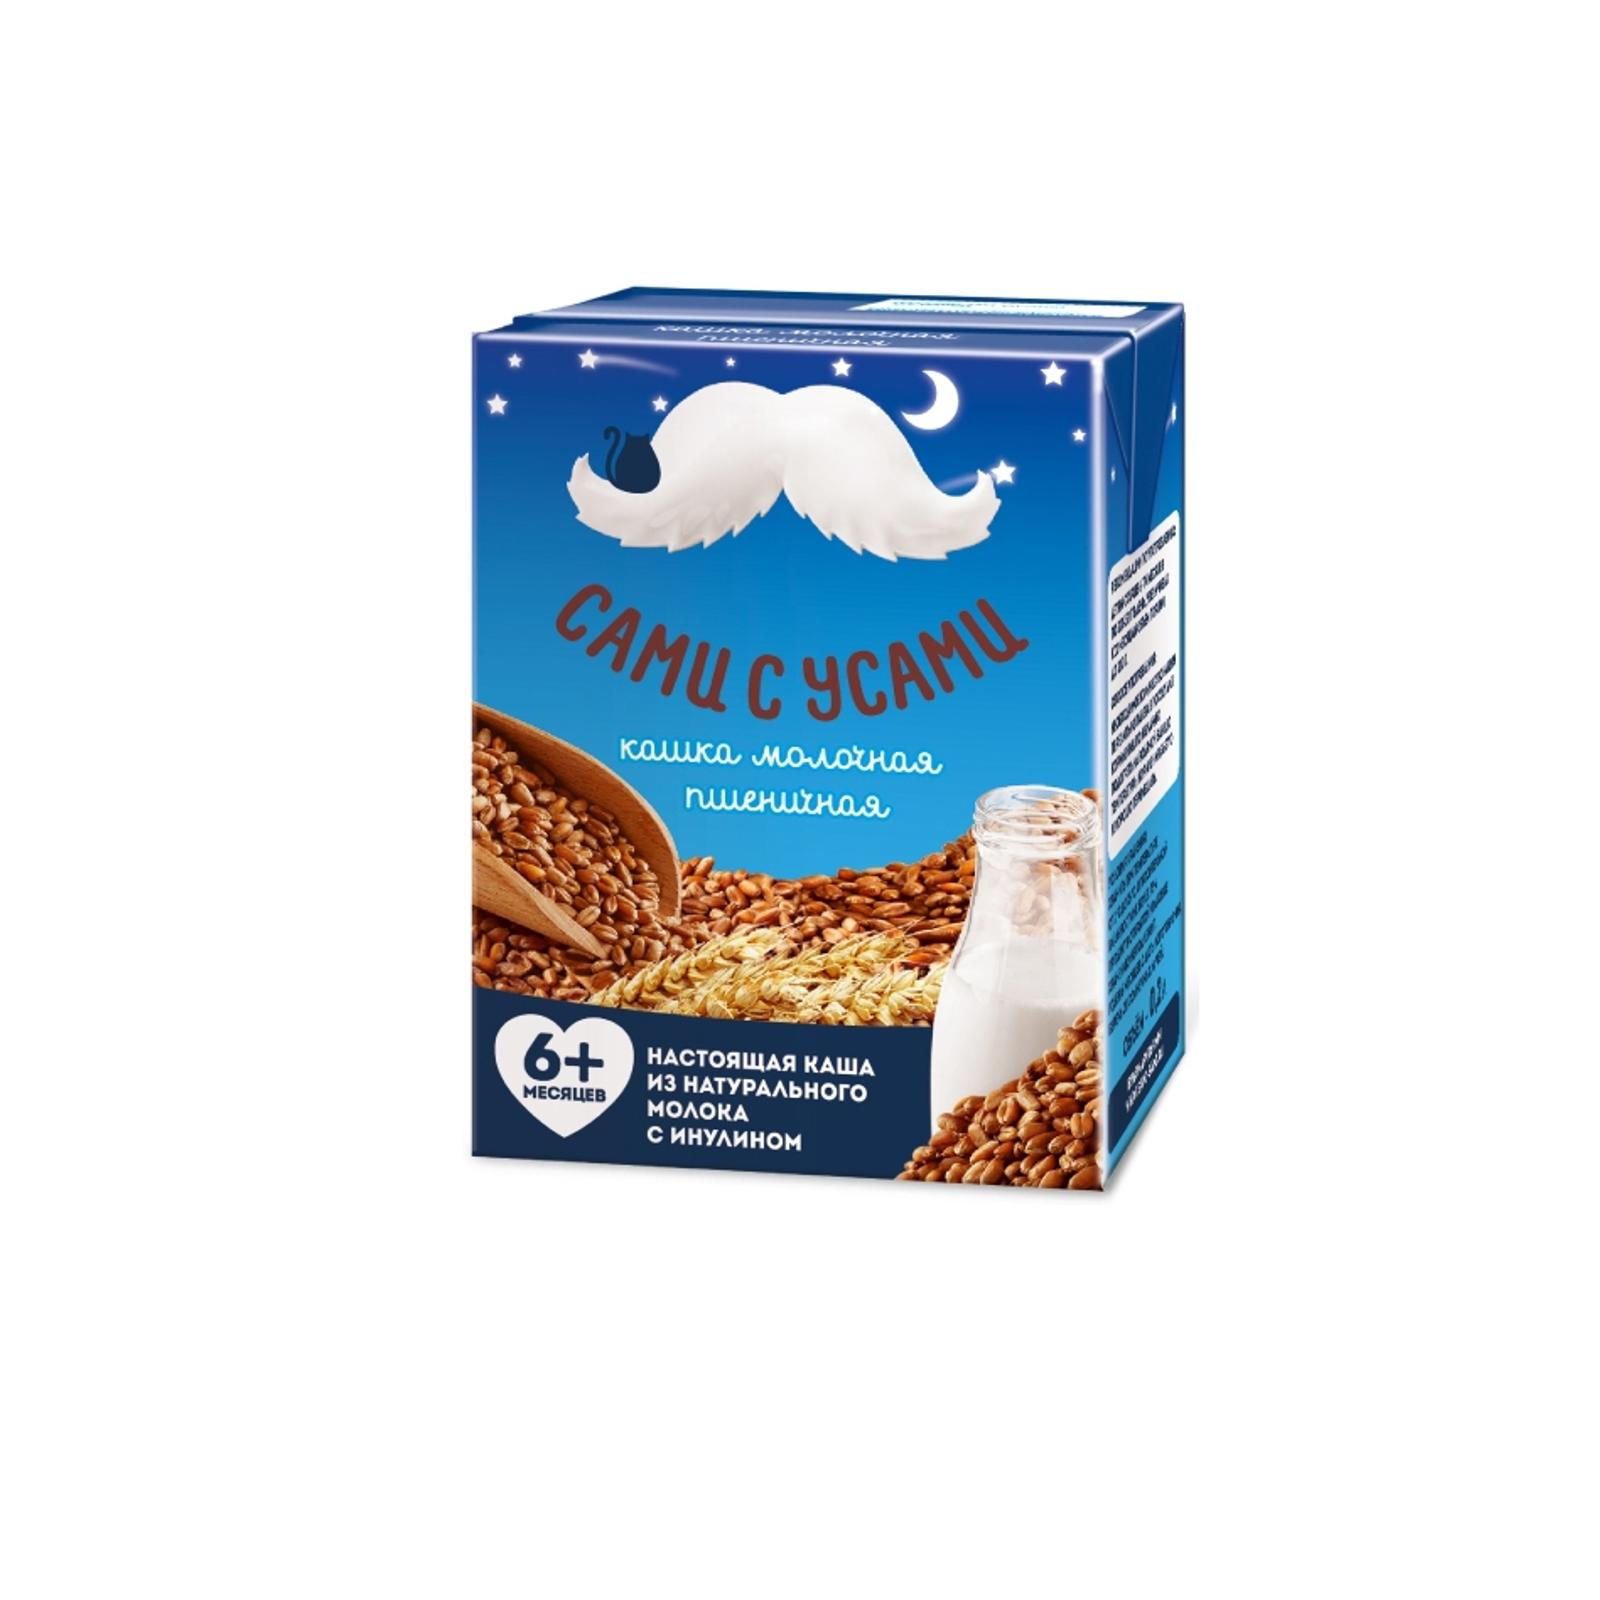 Каша Сами с усами молочная 200 гр (готовая) Пшеничная (с 6 мес)<br>